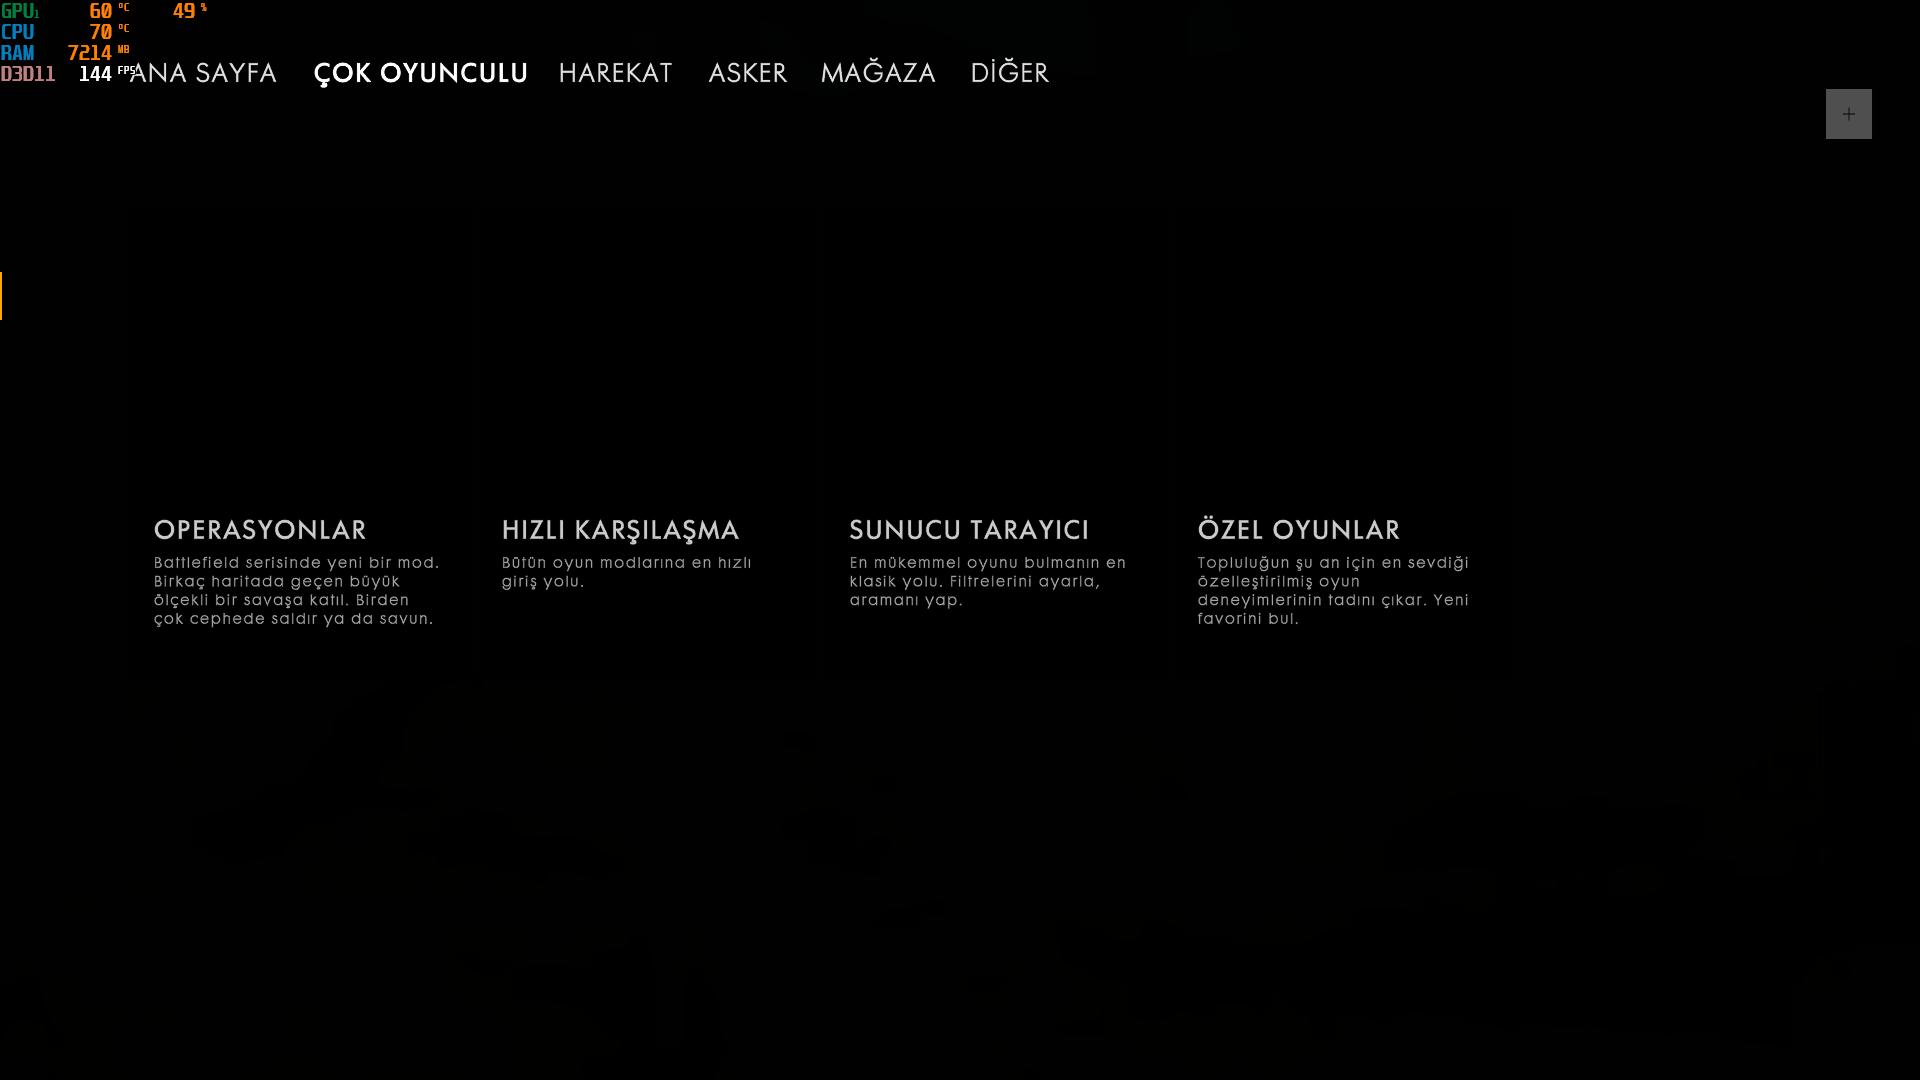 Battlefield 1 Screenshot 2021.04.22 - 22.25.14.67.png